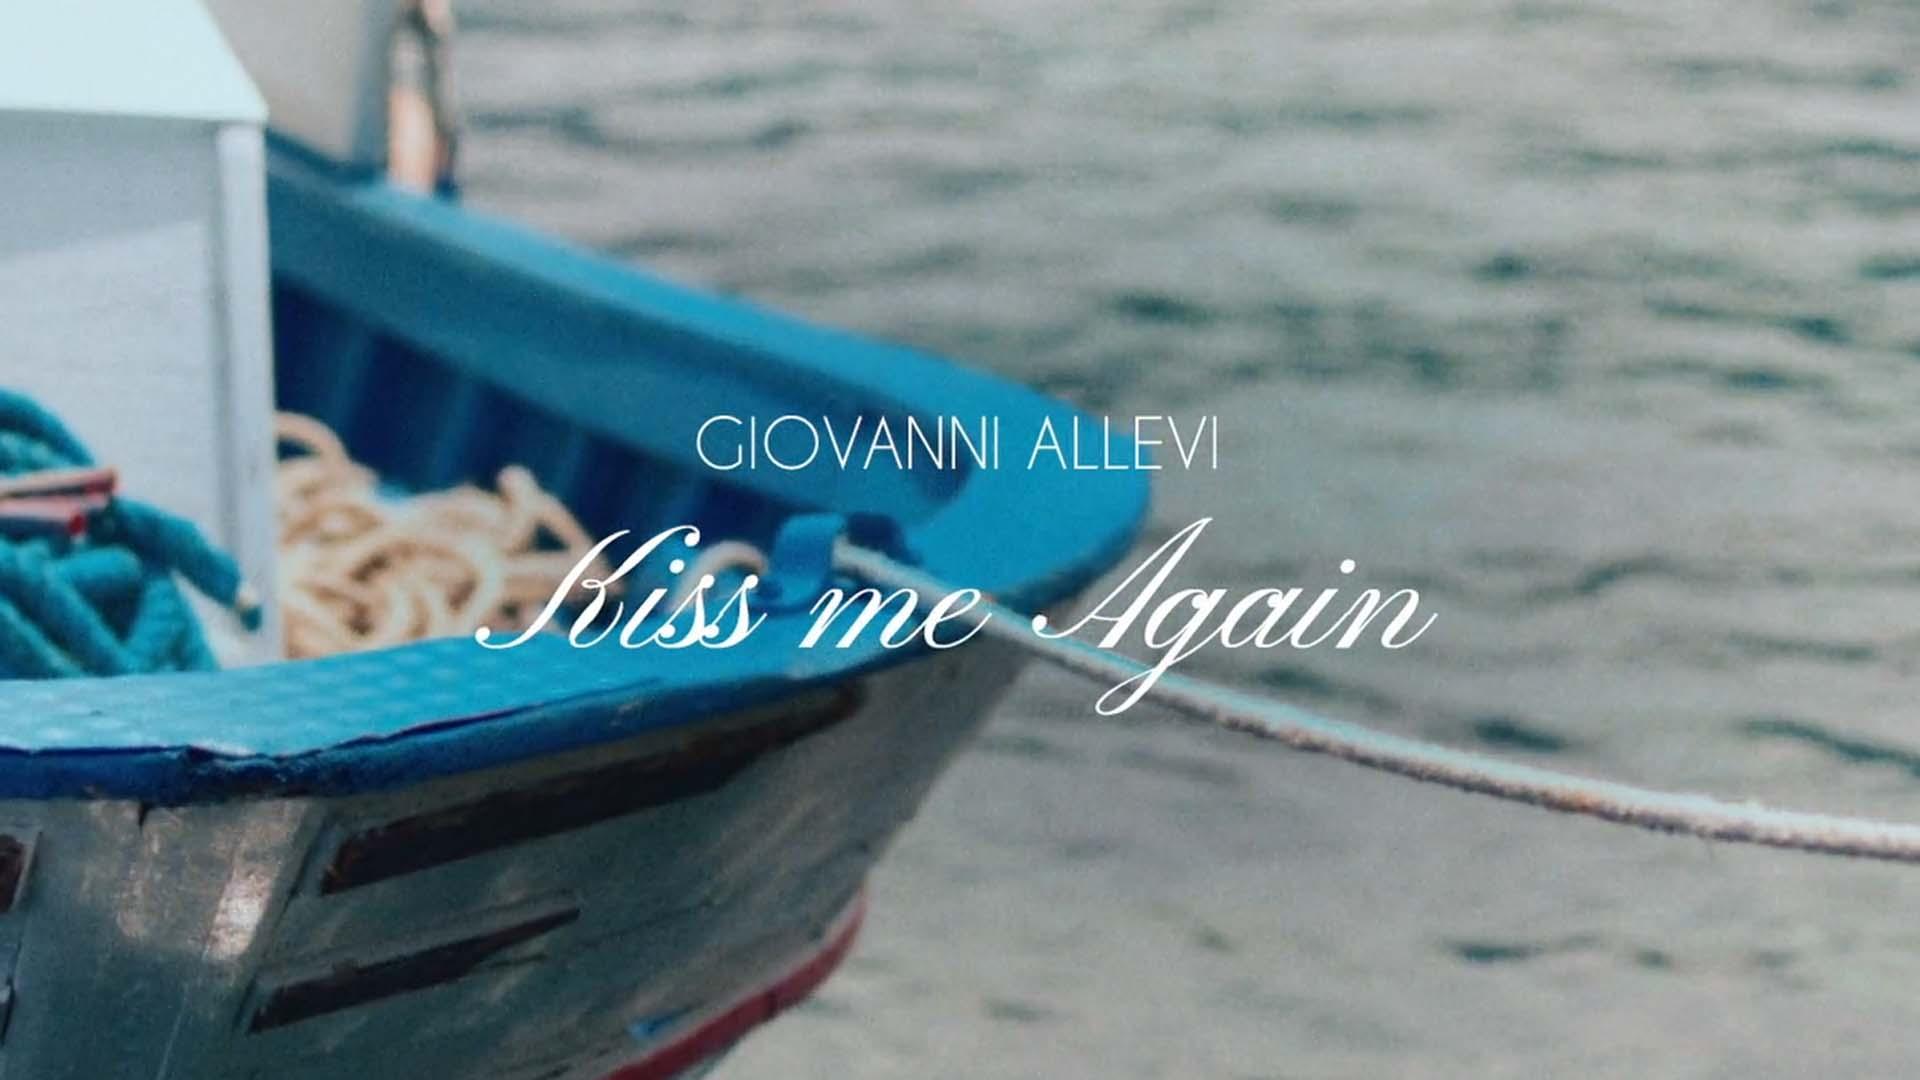 Allevi Kiss me again